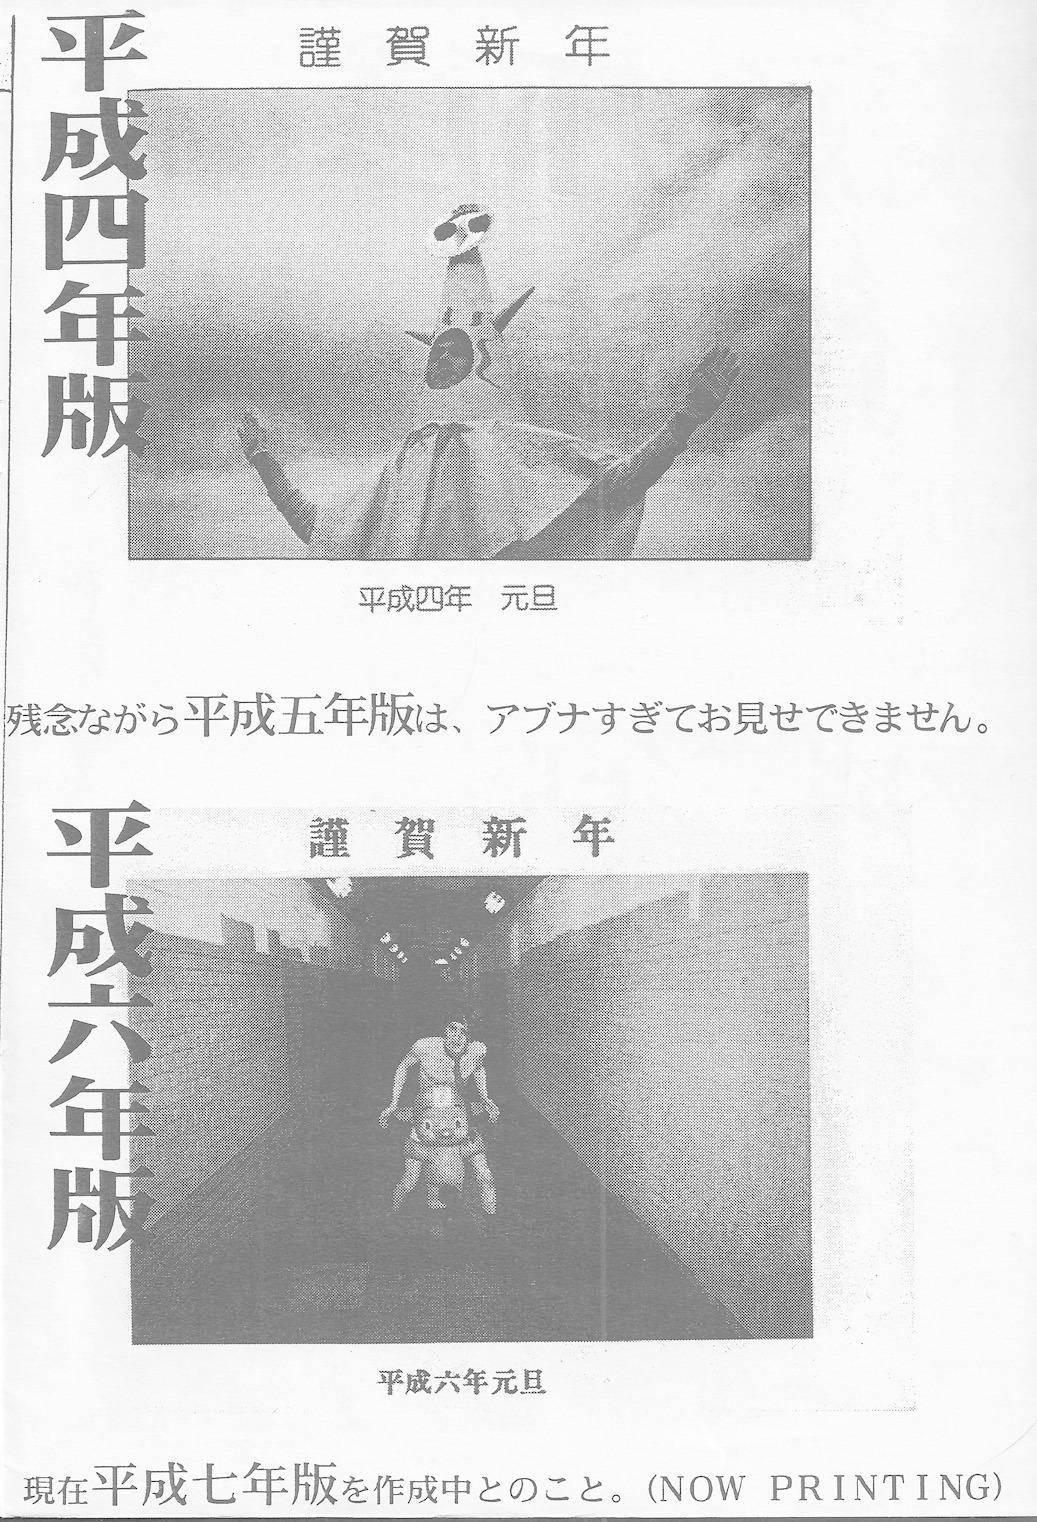 http://sakuga.yshi.org/data/sample/81ae45fbb0c9131e470dc44a400ba4c1.jpg